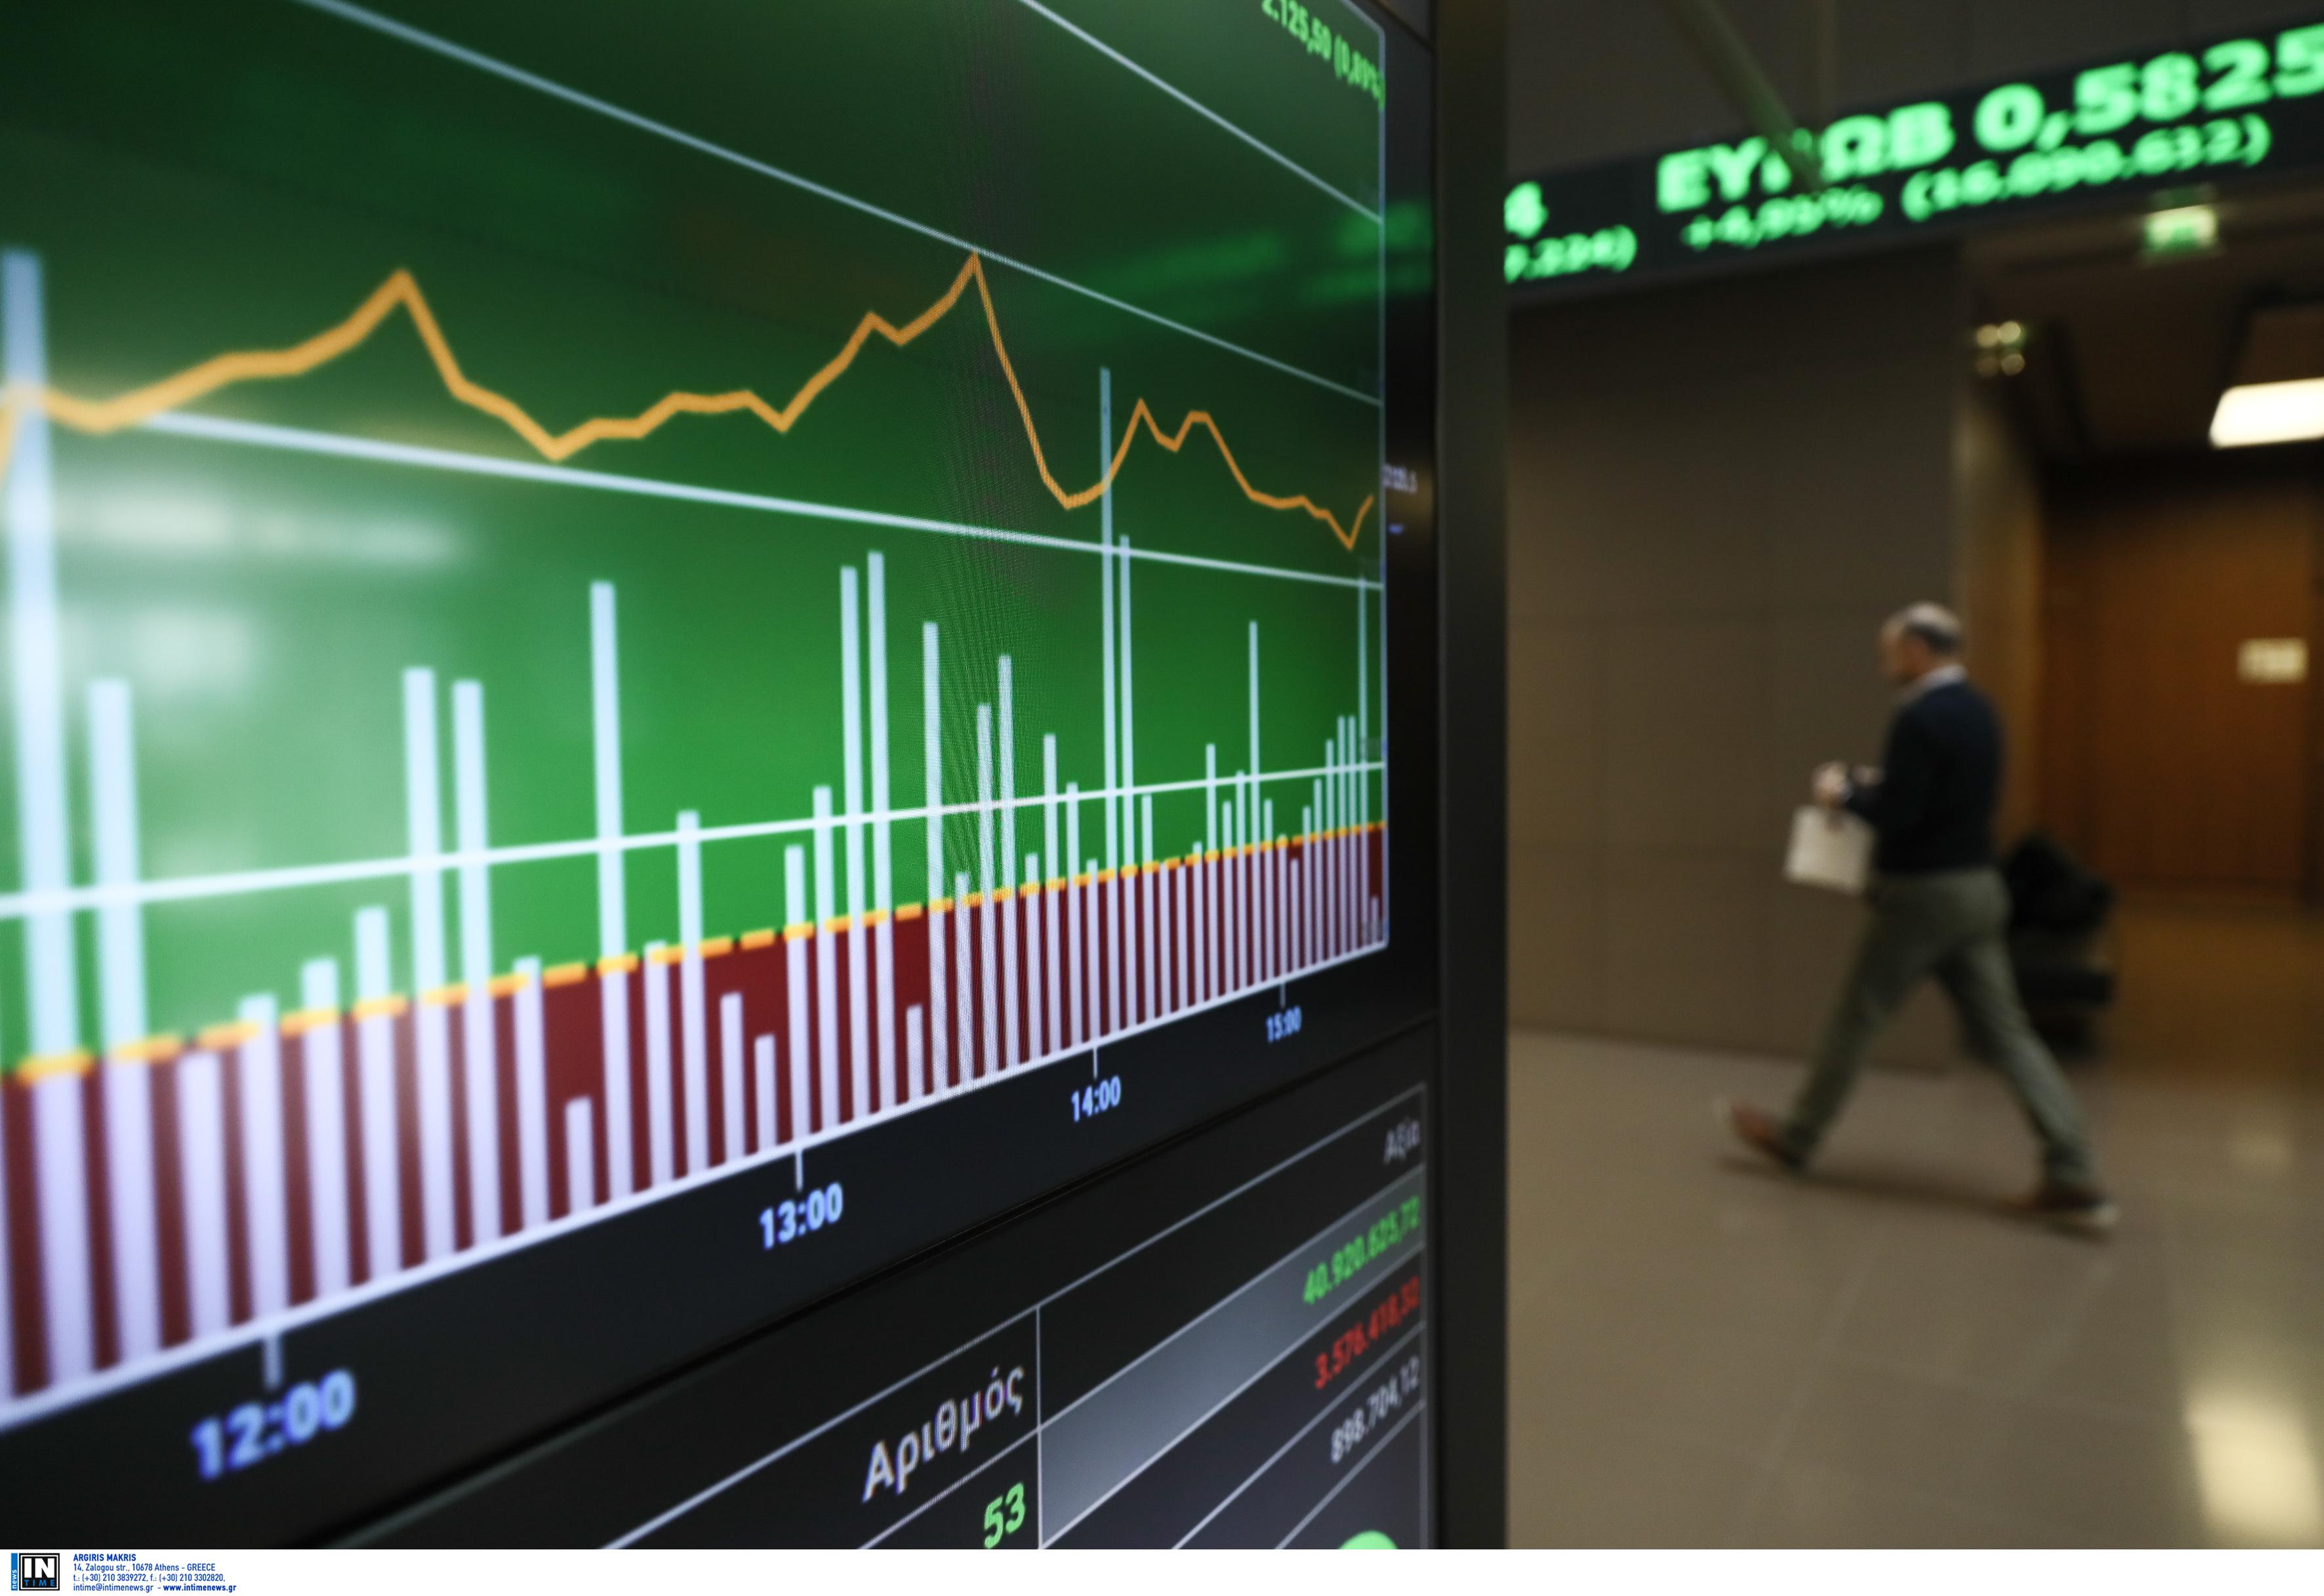 Χρηματιστήριο: Έκλεισε με άνοδο για πέμπτη συνεχόμενη ημέρα